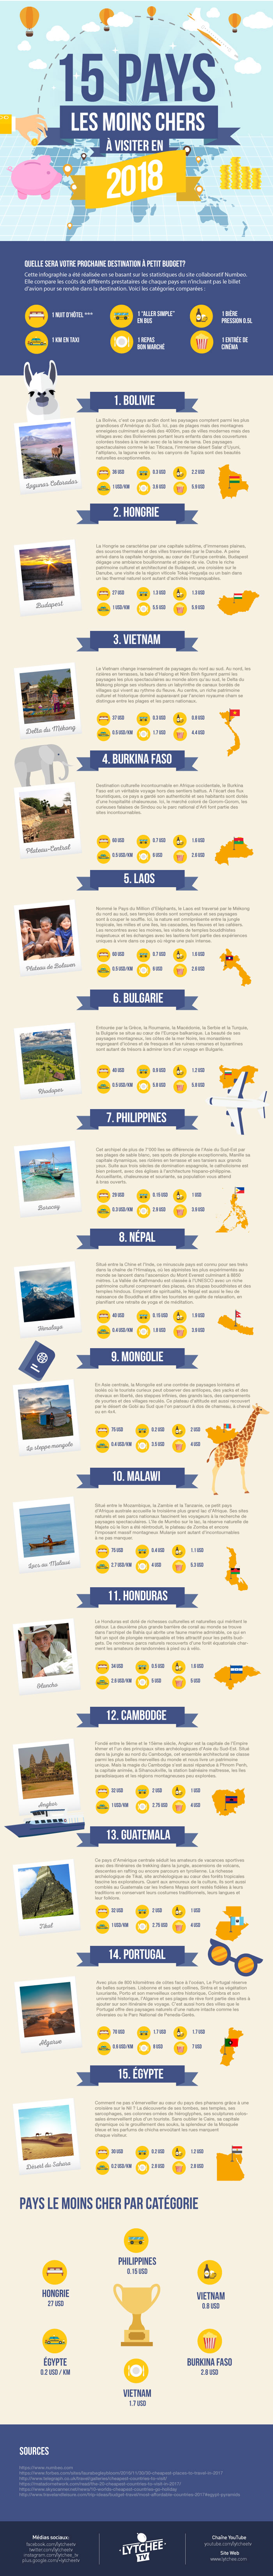 15 pays pas cher à visiter en 2018 - Lytchee travel (infographie)